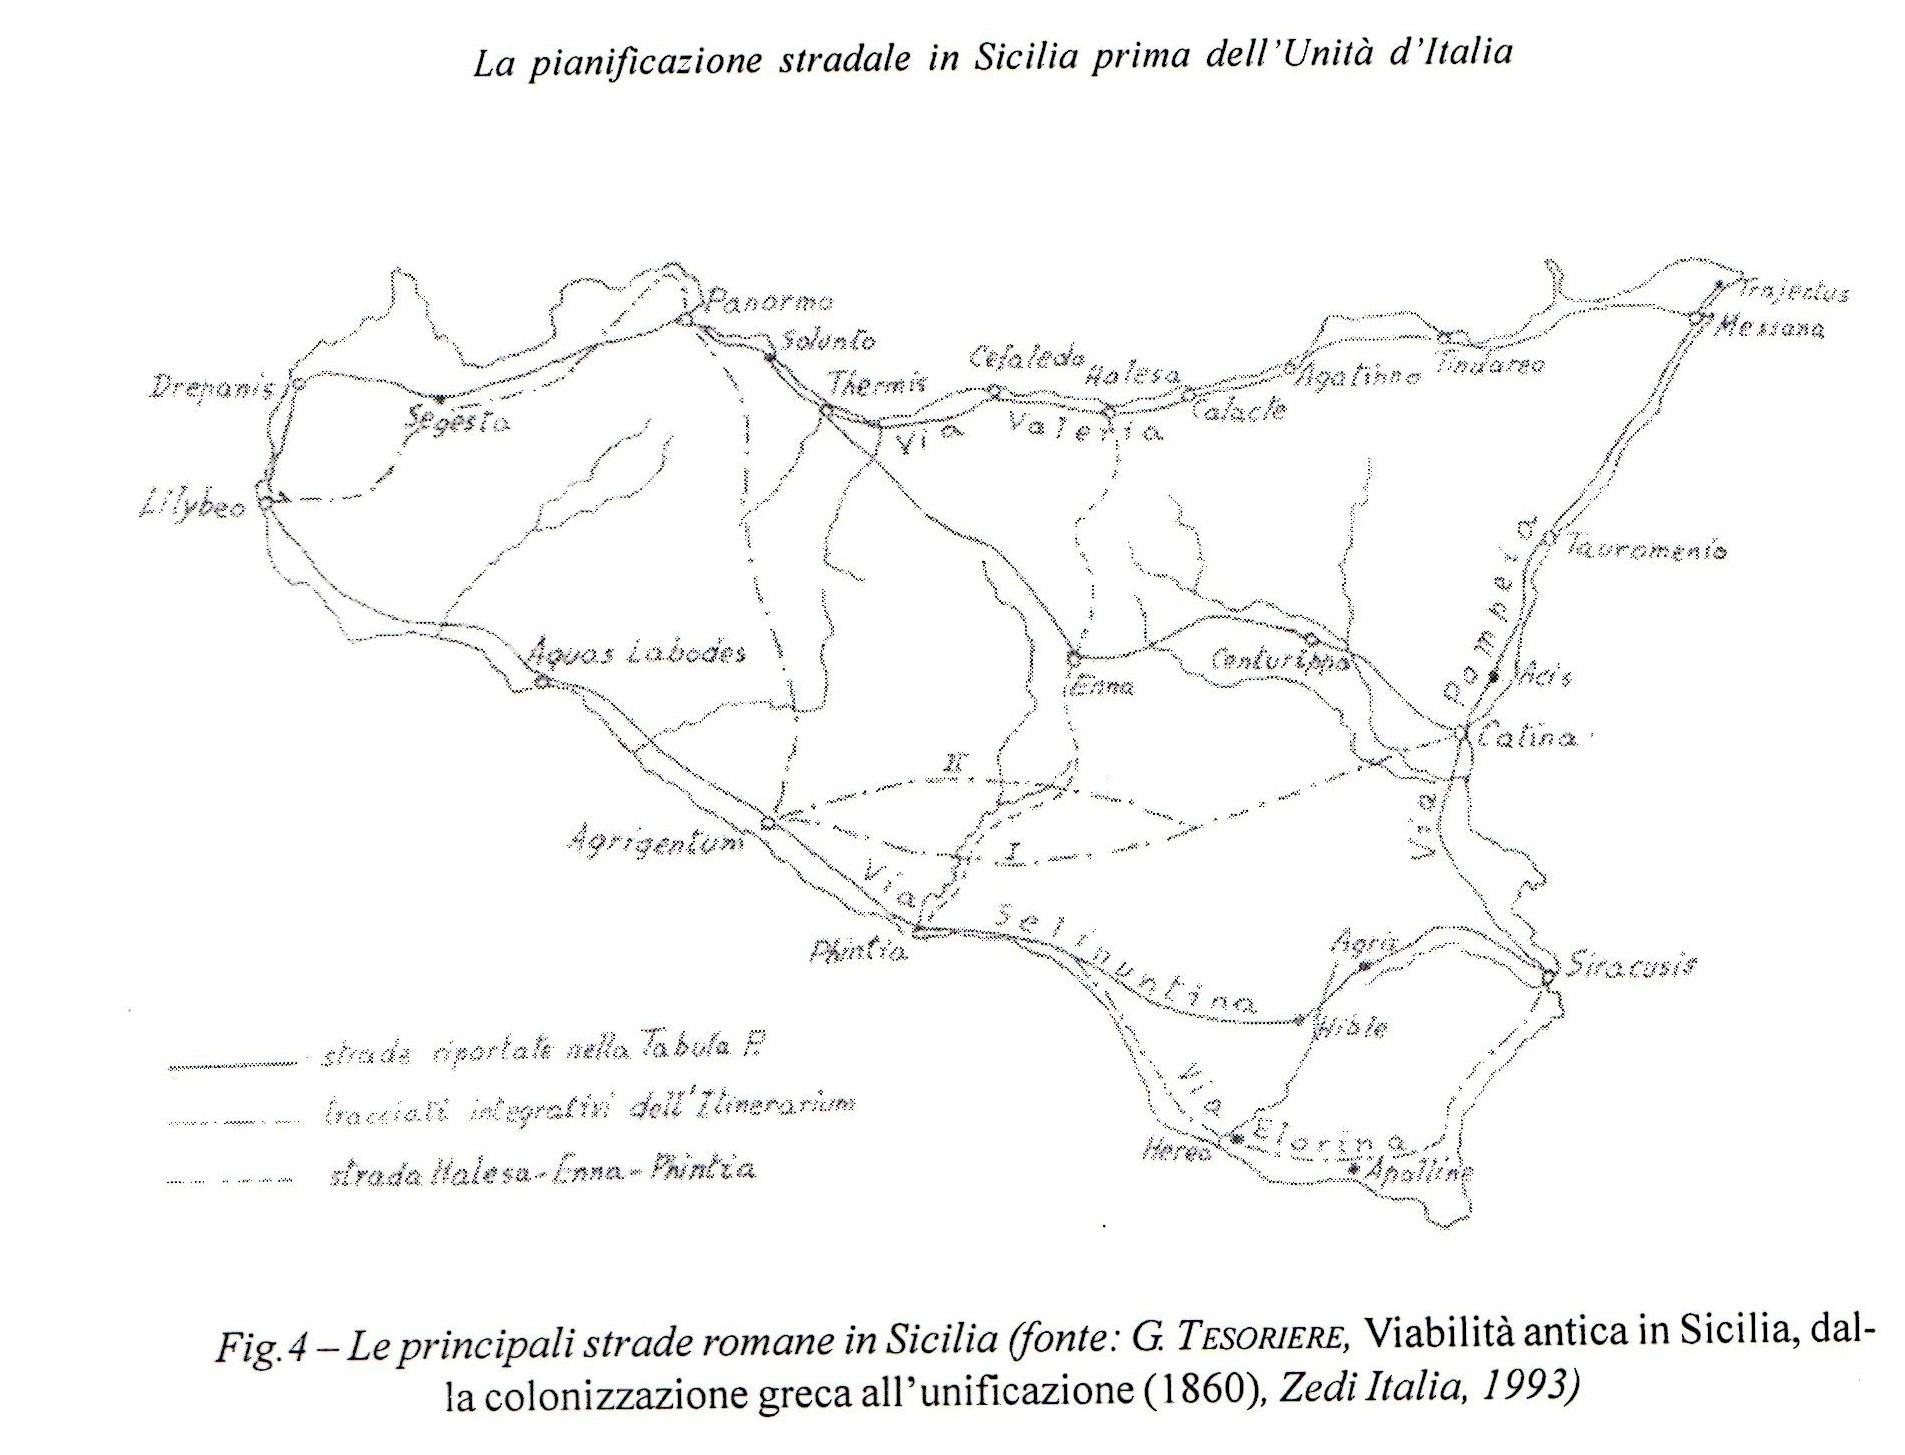 Strade sicilia trazzere